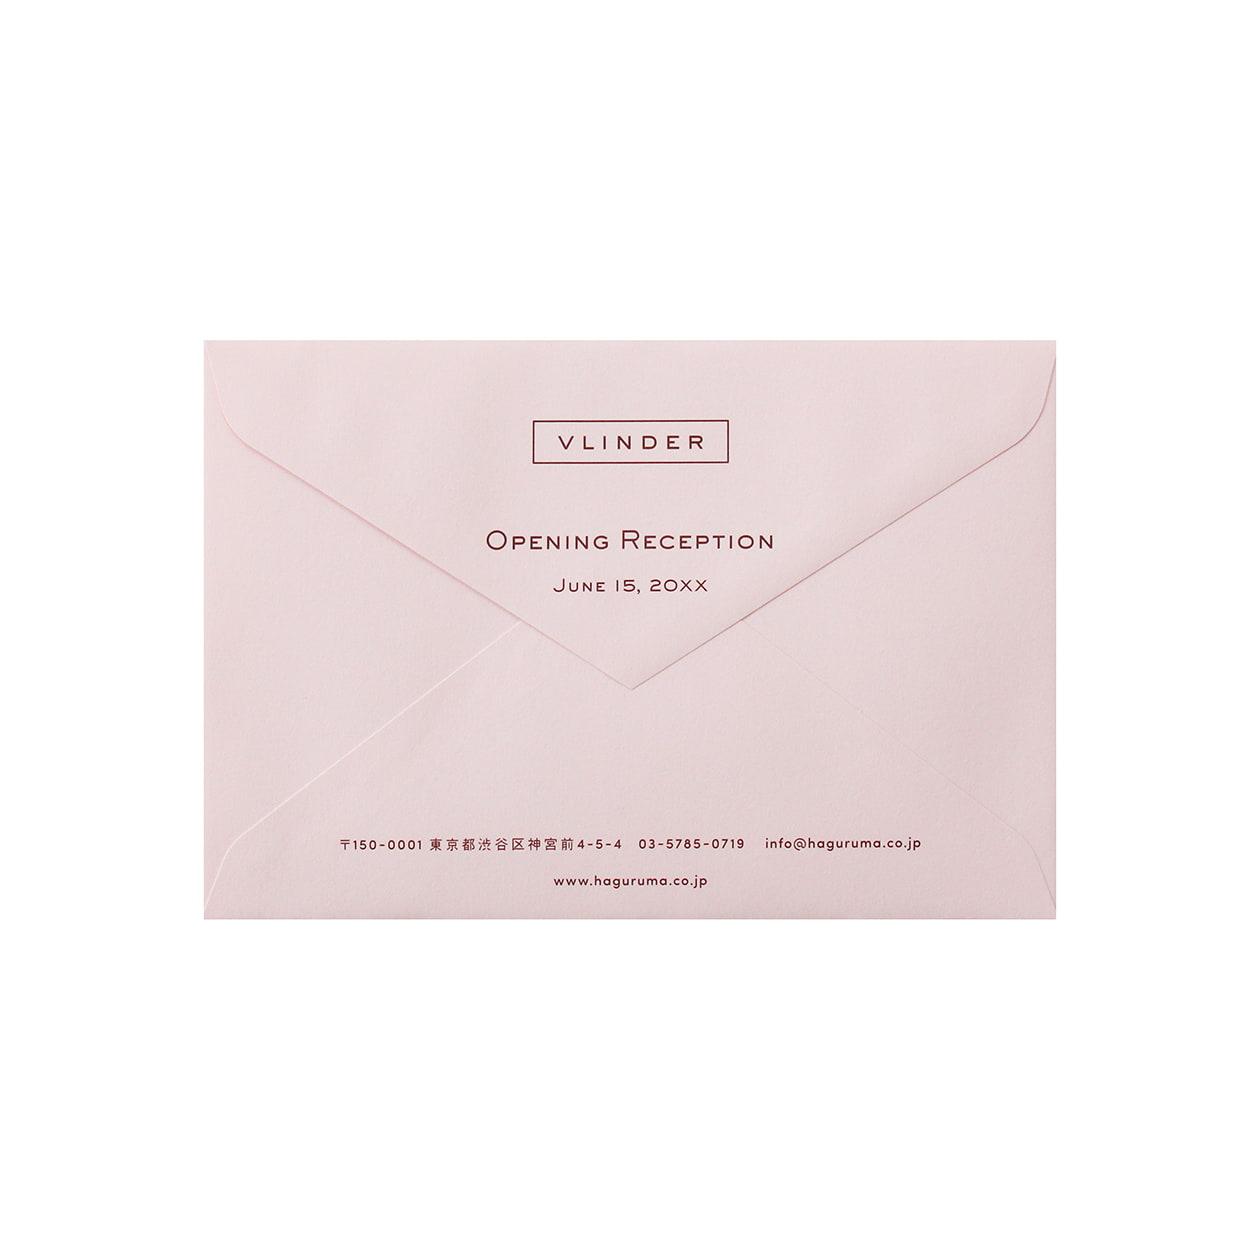 サンプル 封筒・袋 00063